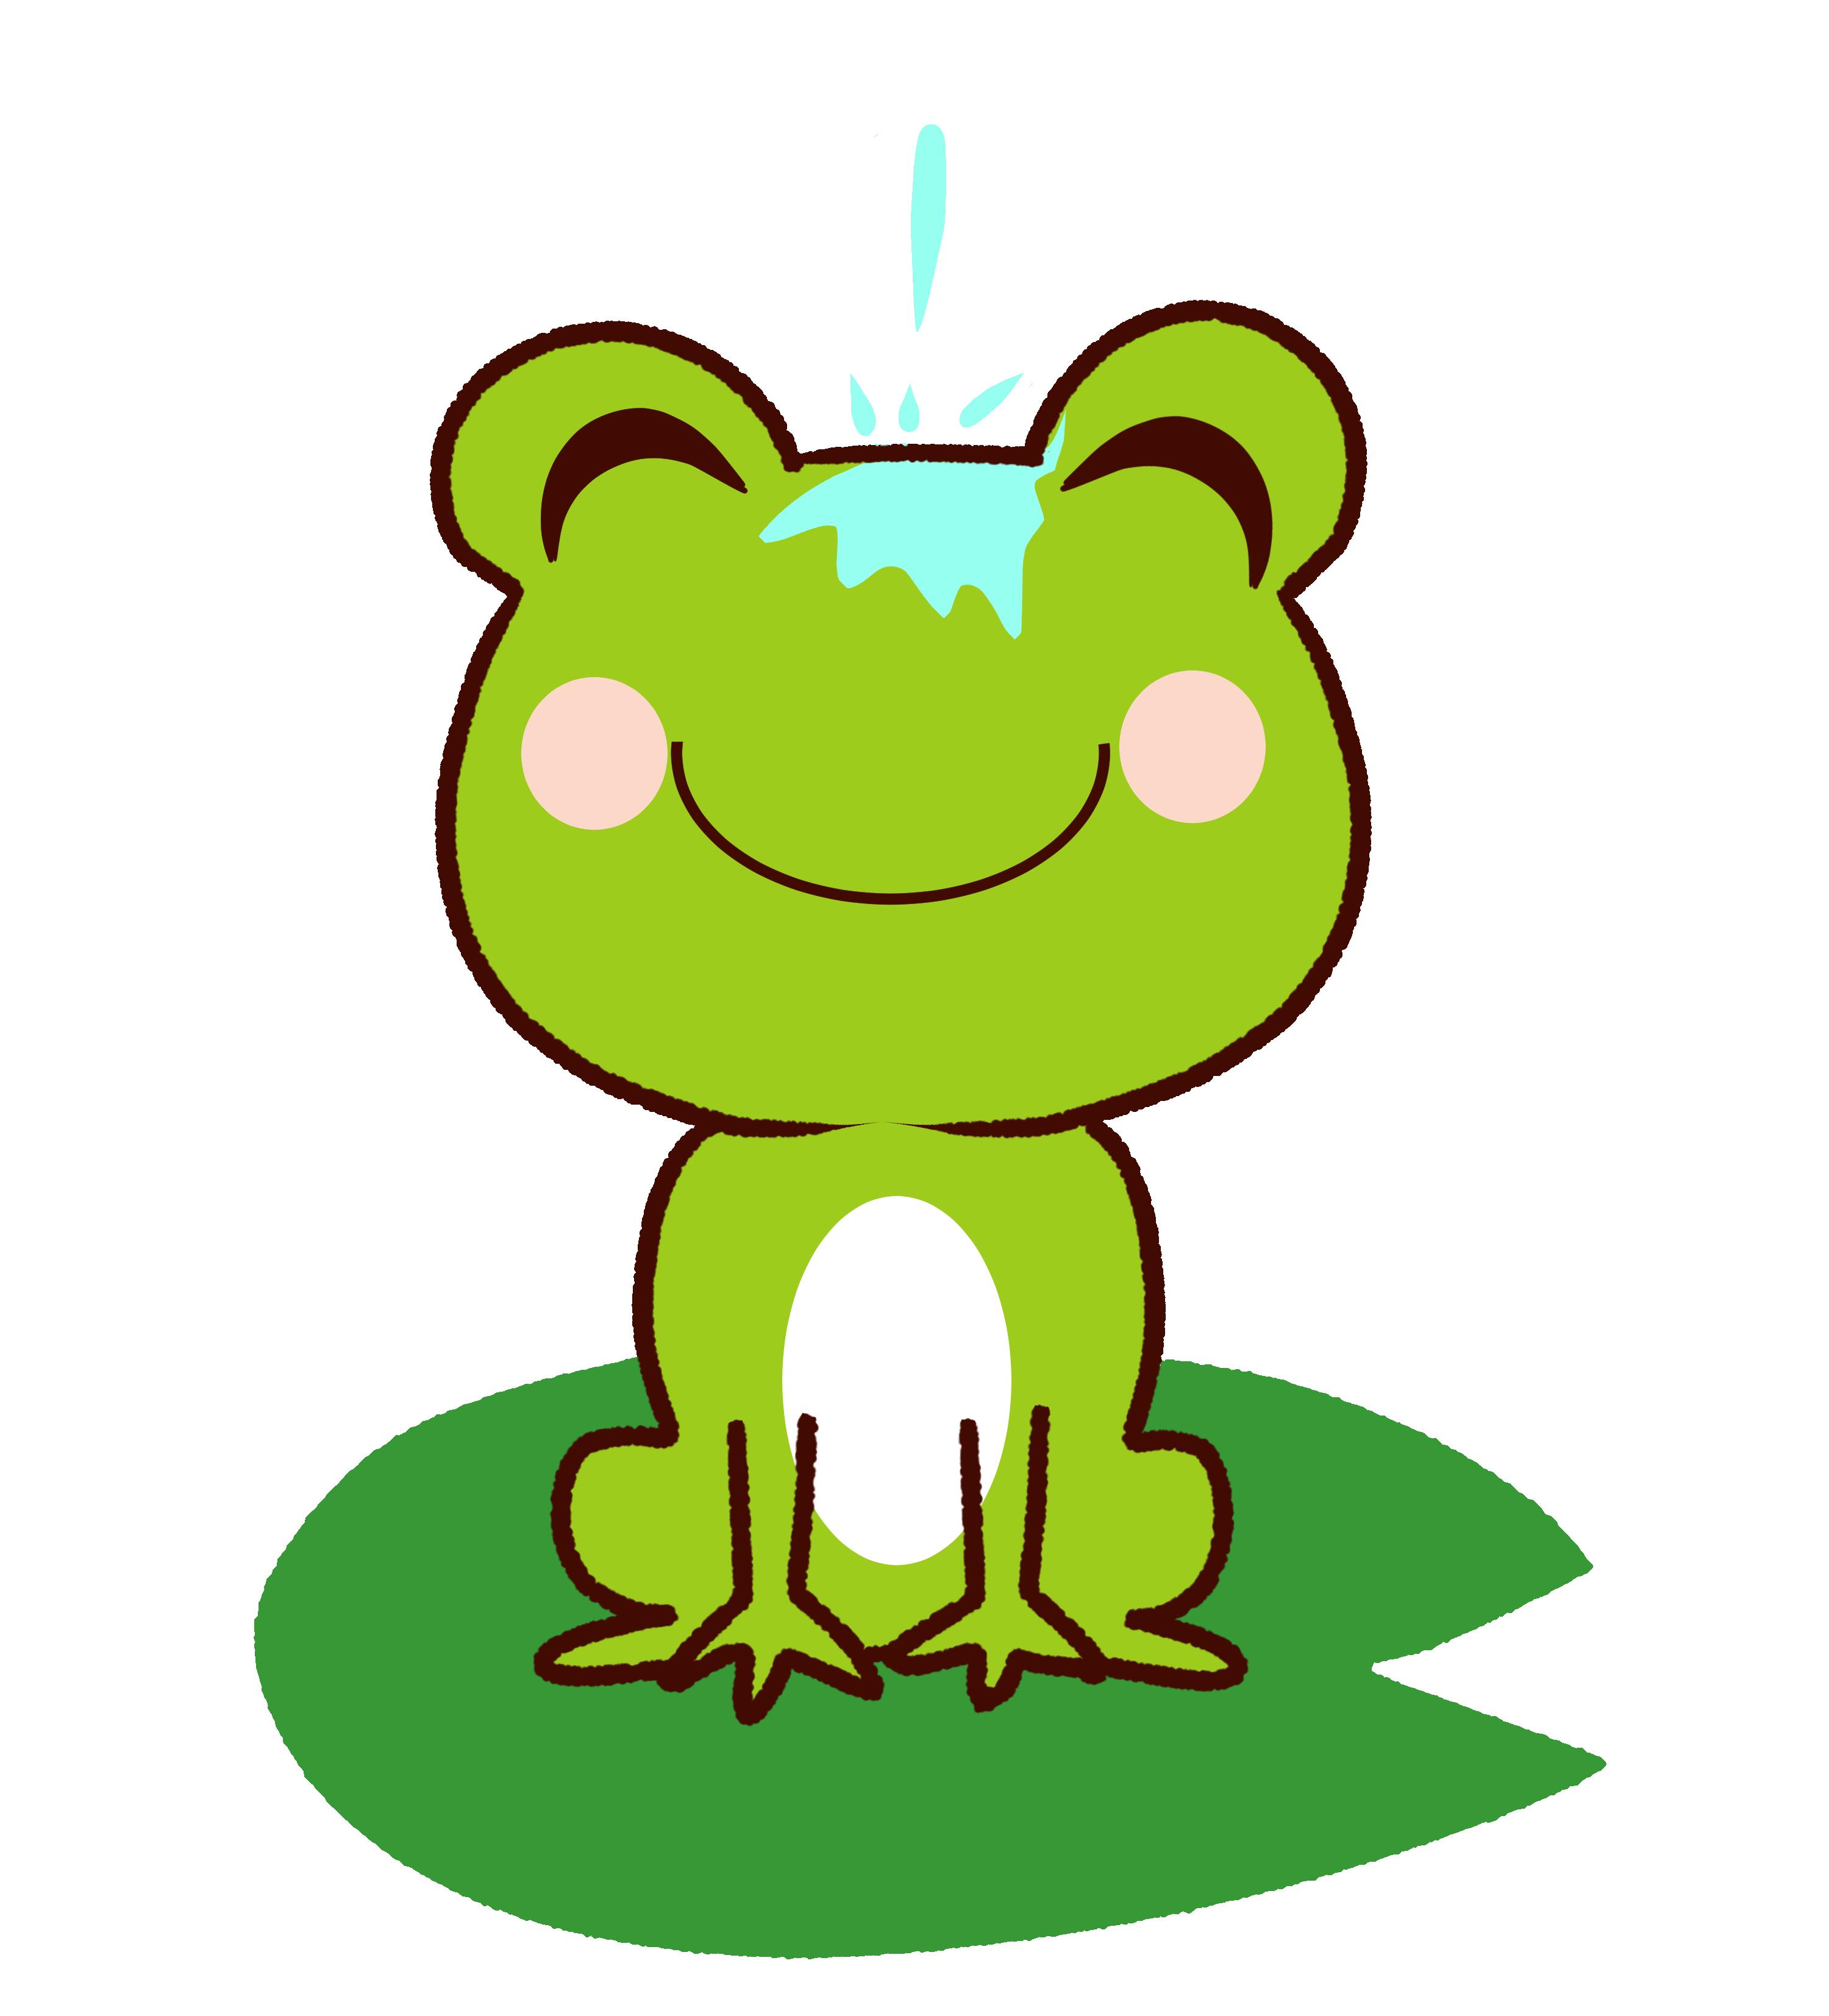 【故事・ことわざ】蛙の面に水(かえるのつらにみず)